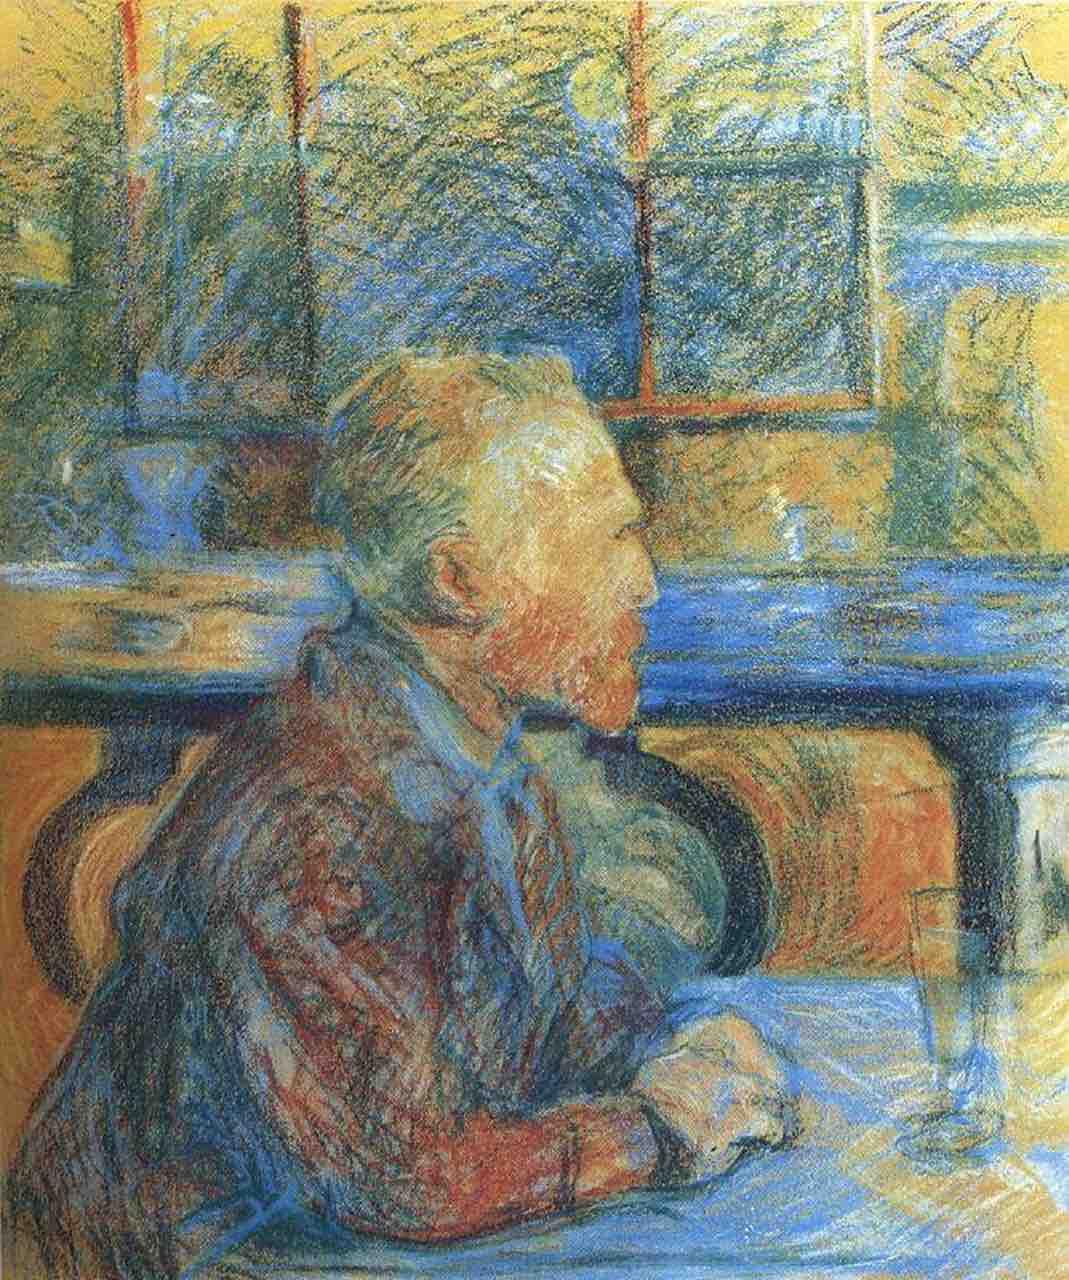 Van_Gogh.jpg